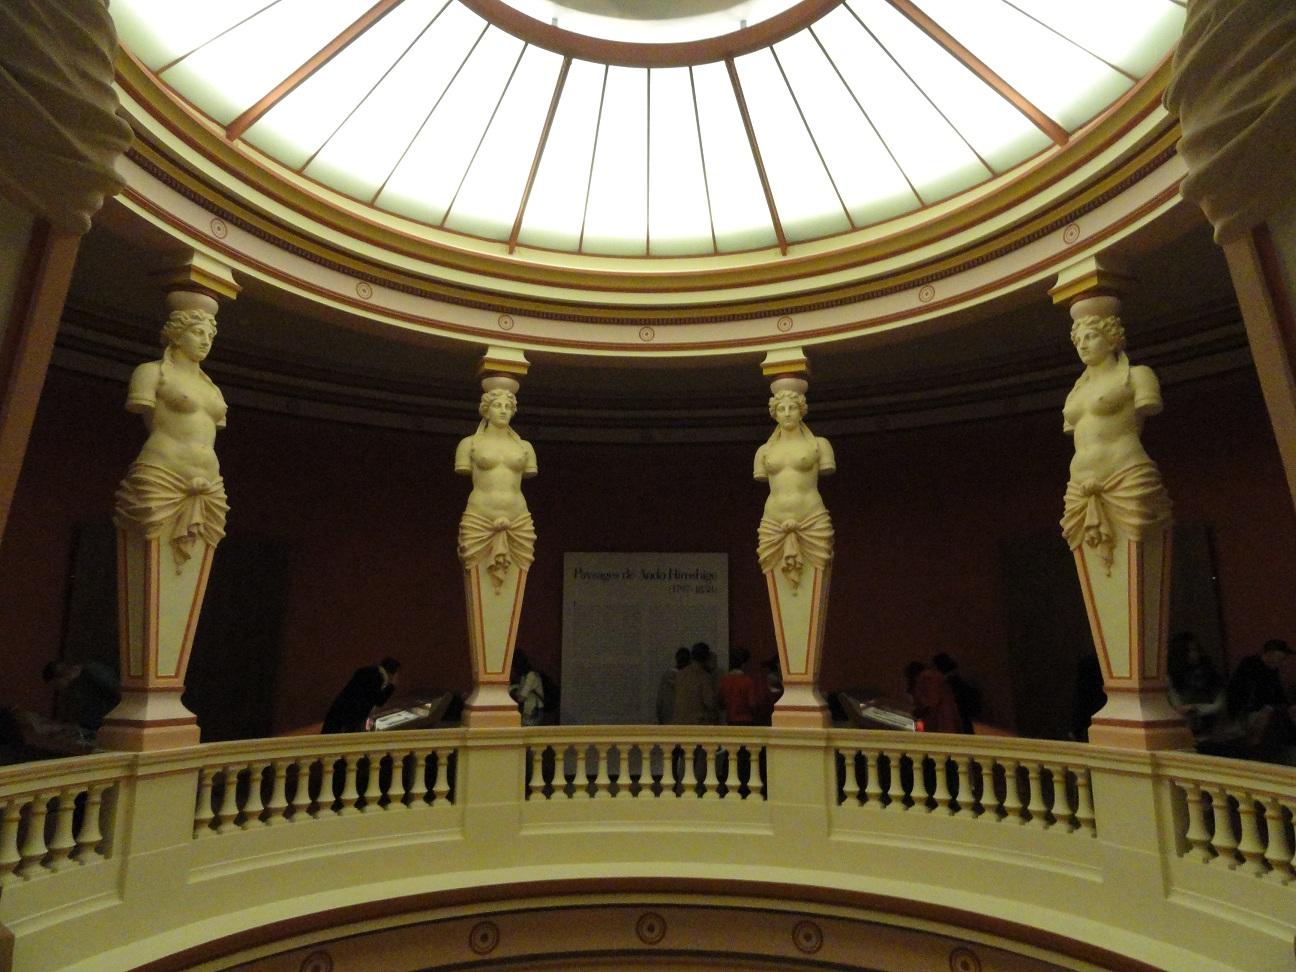 Musée Guimet - Bibliothèque